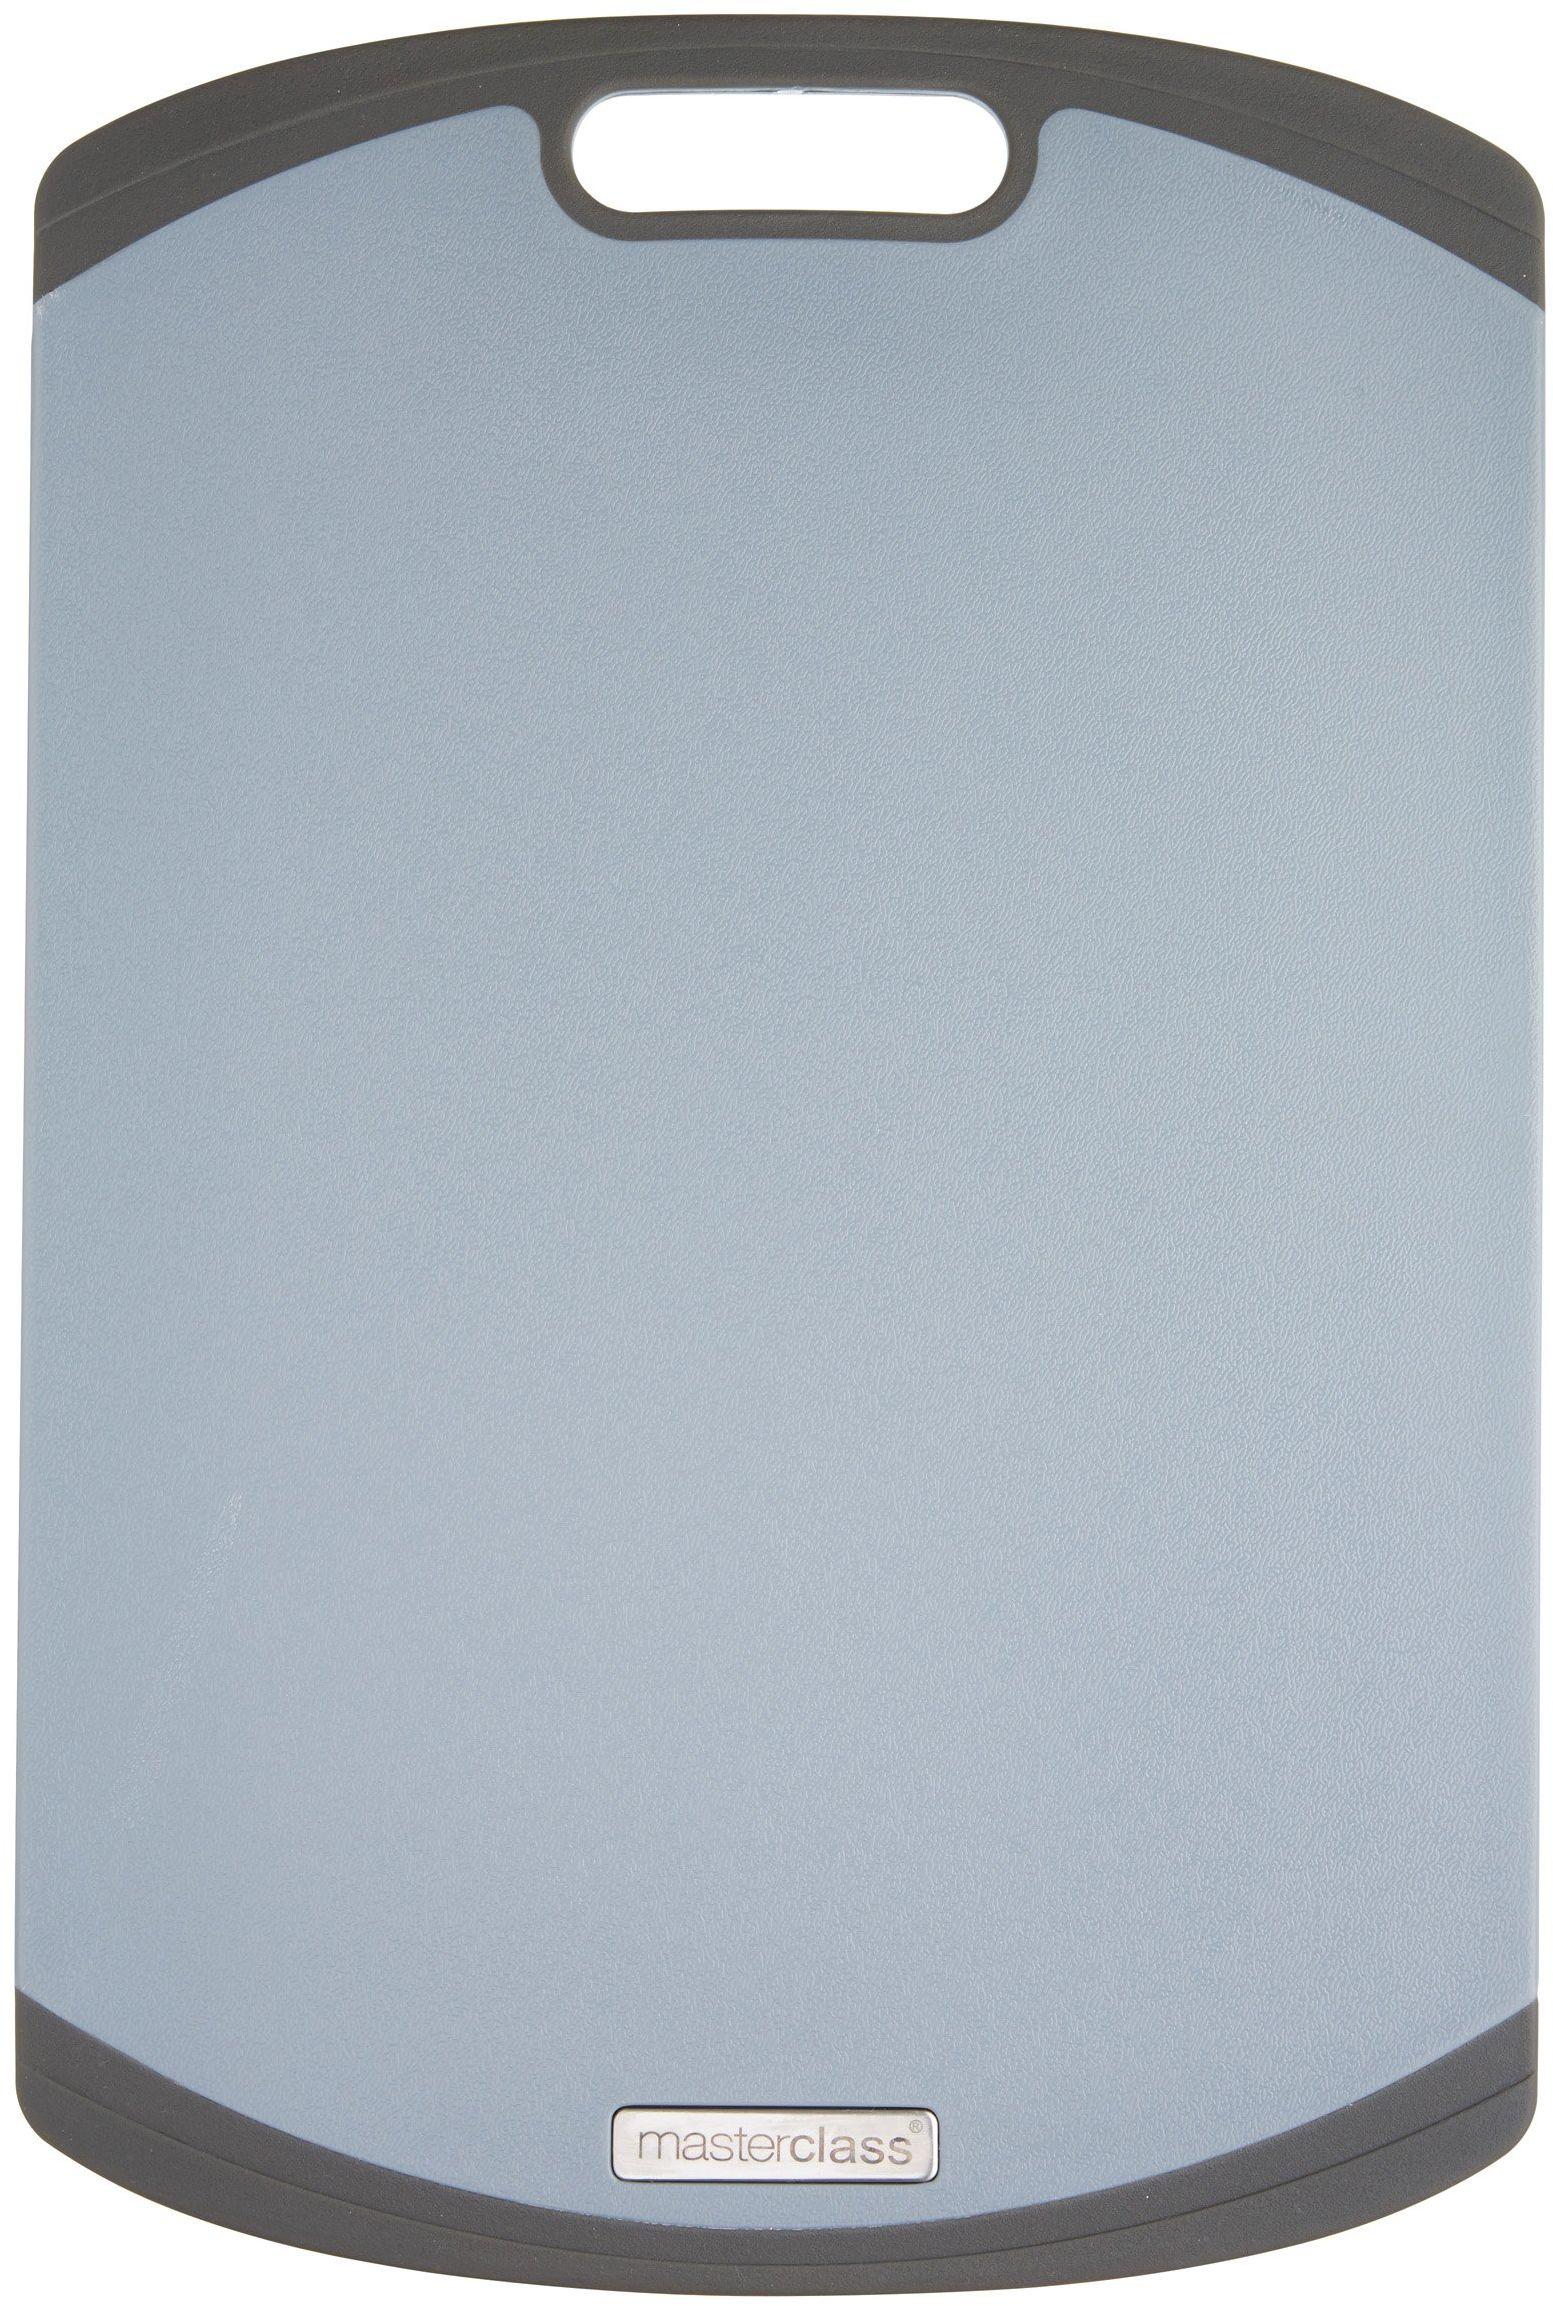 MasterClass duża nieprzywierająca antypoślizgowa plastikowa deska do krojenia 45,5 x 30 cm (18 cali x 12 cali)